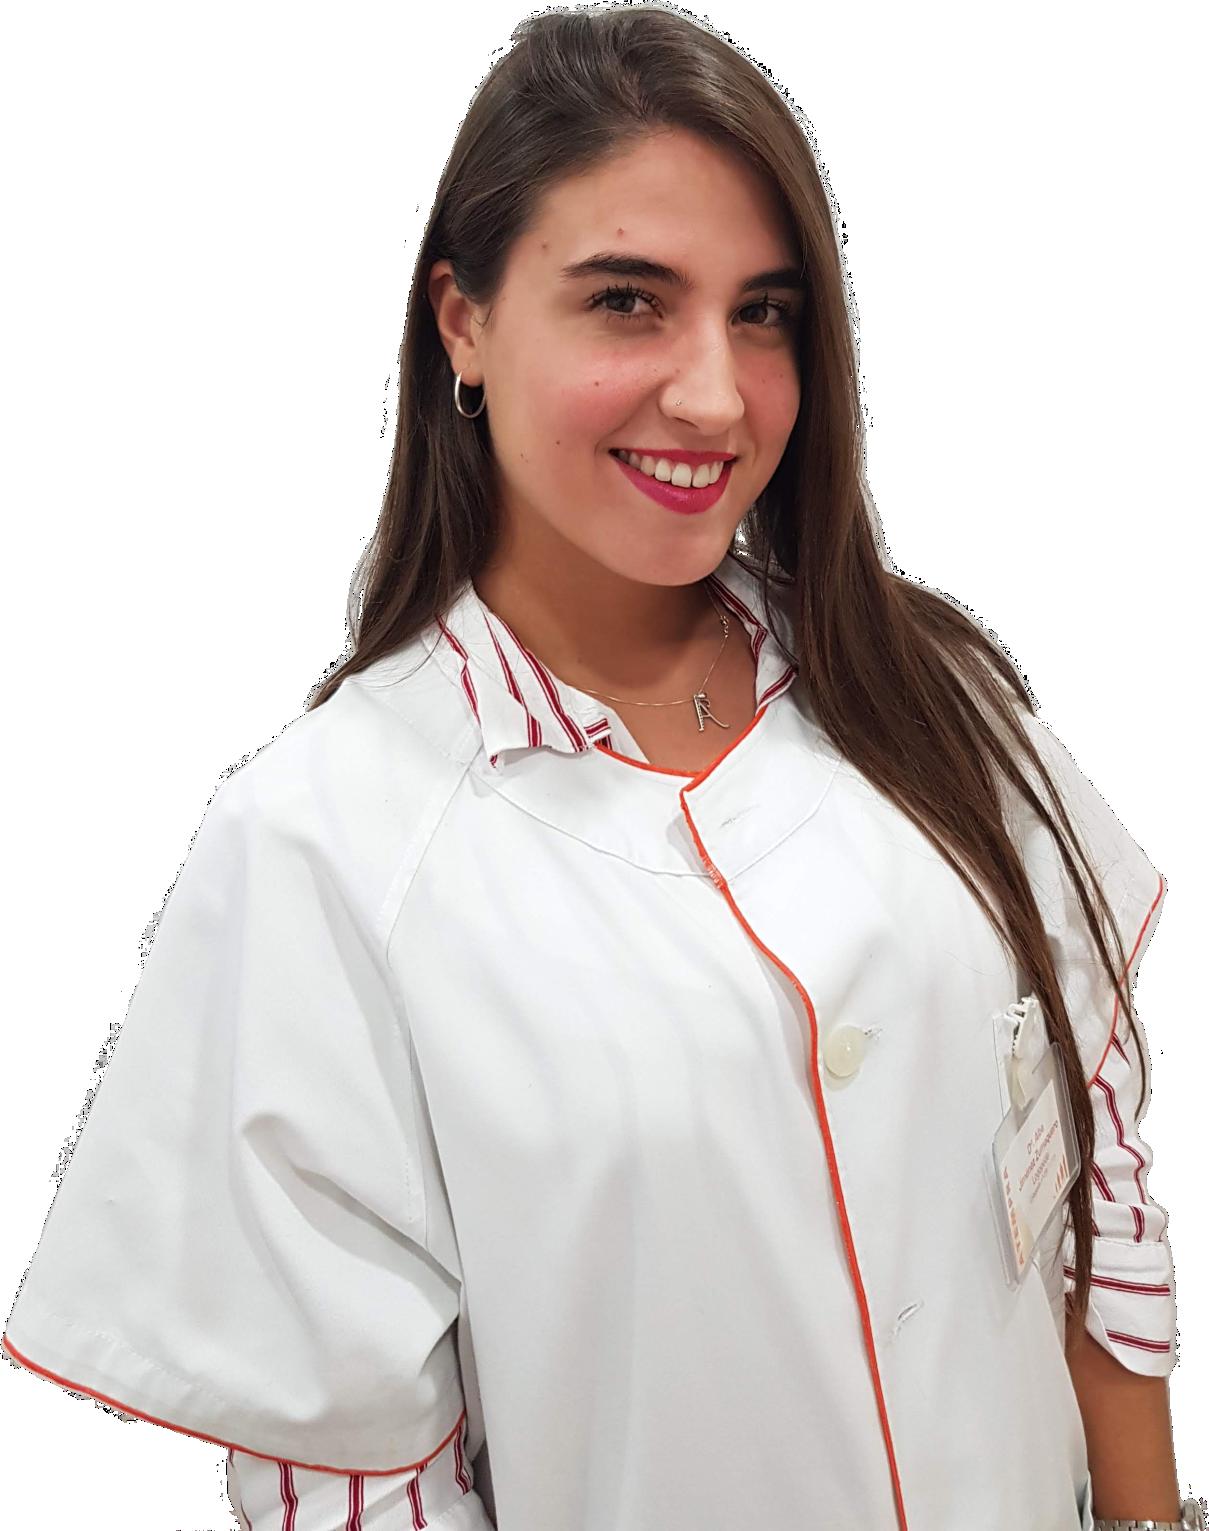 Alba Jiménez Zumaquero